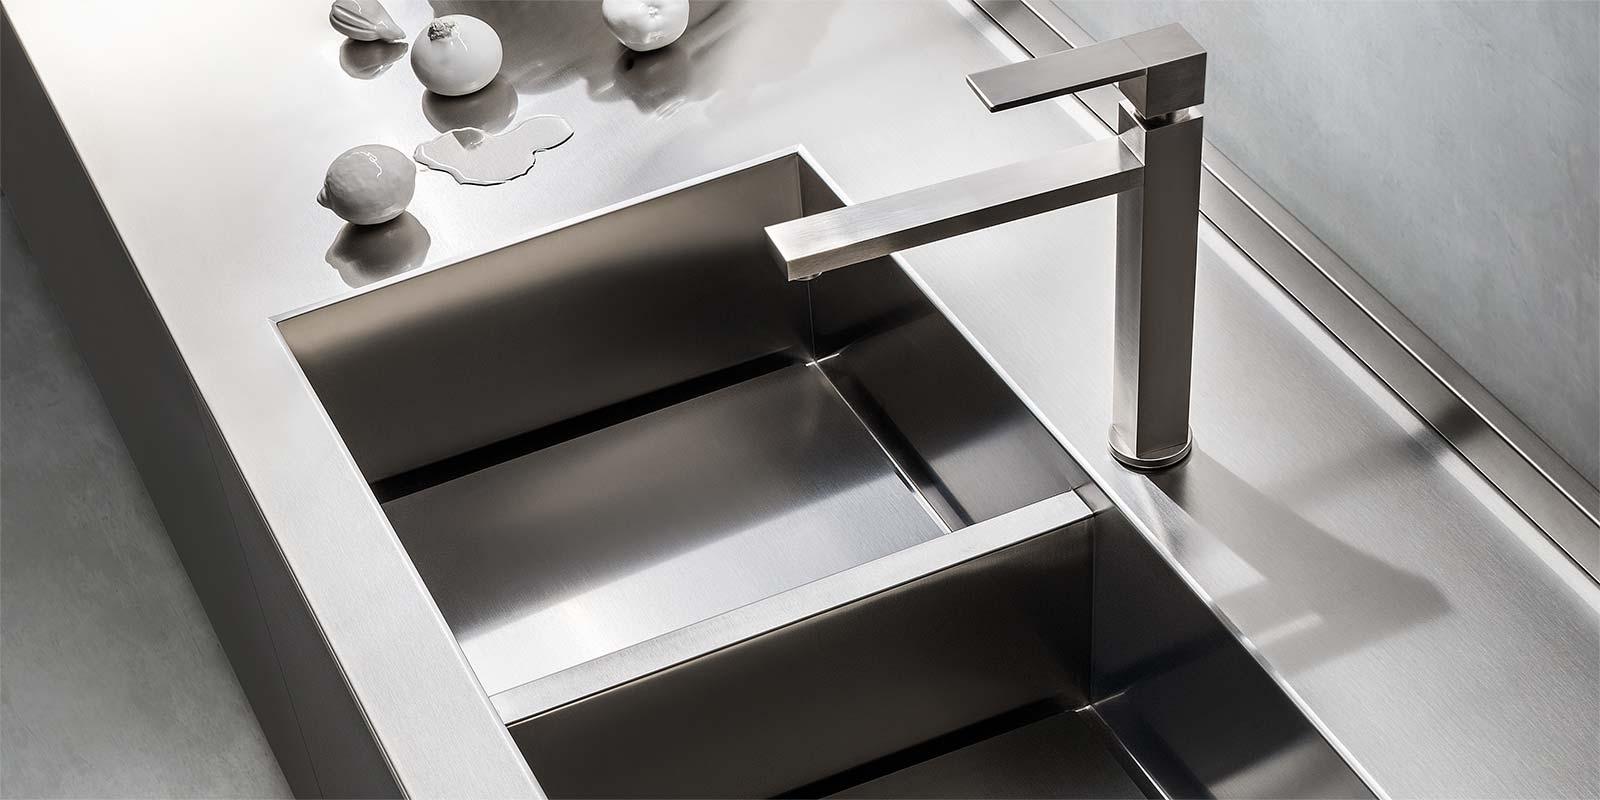 Top cucina quattro soluzioni per renderla unica arredare con stile - Top cucina acciaio inox prezzo ...